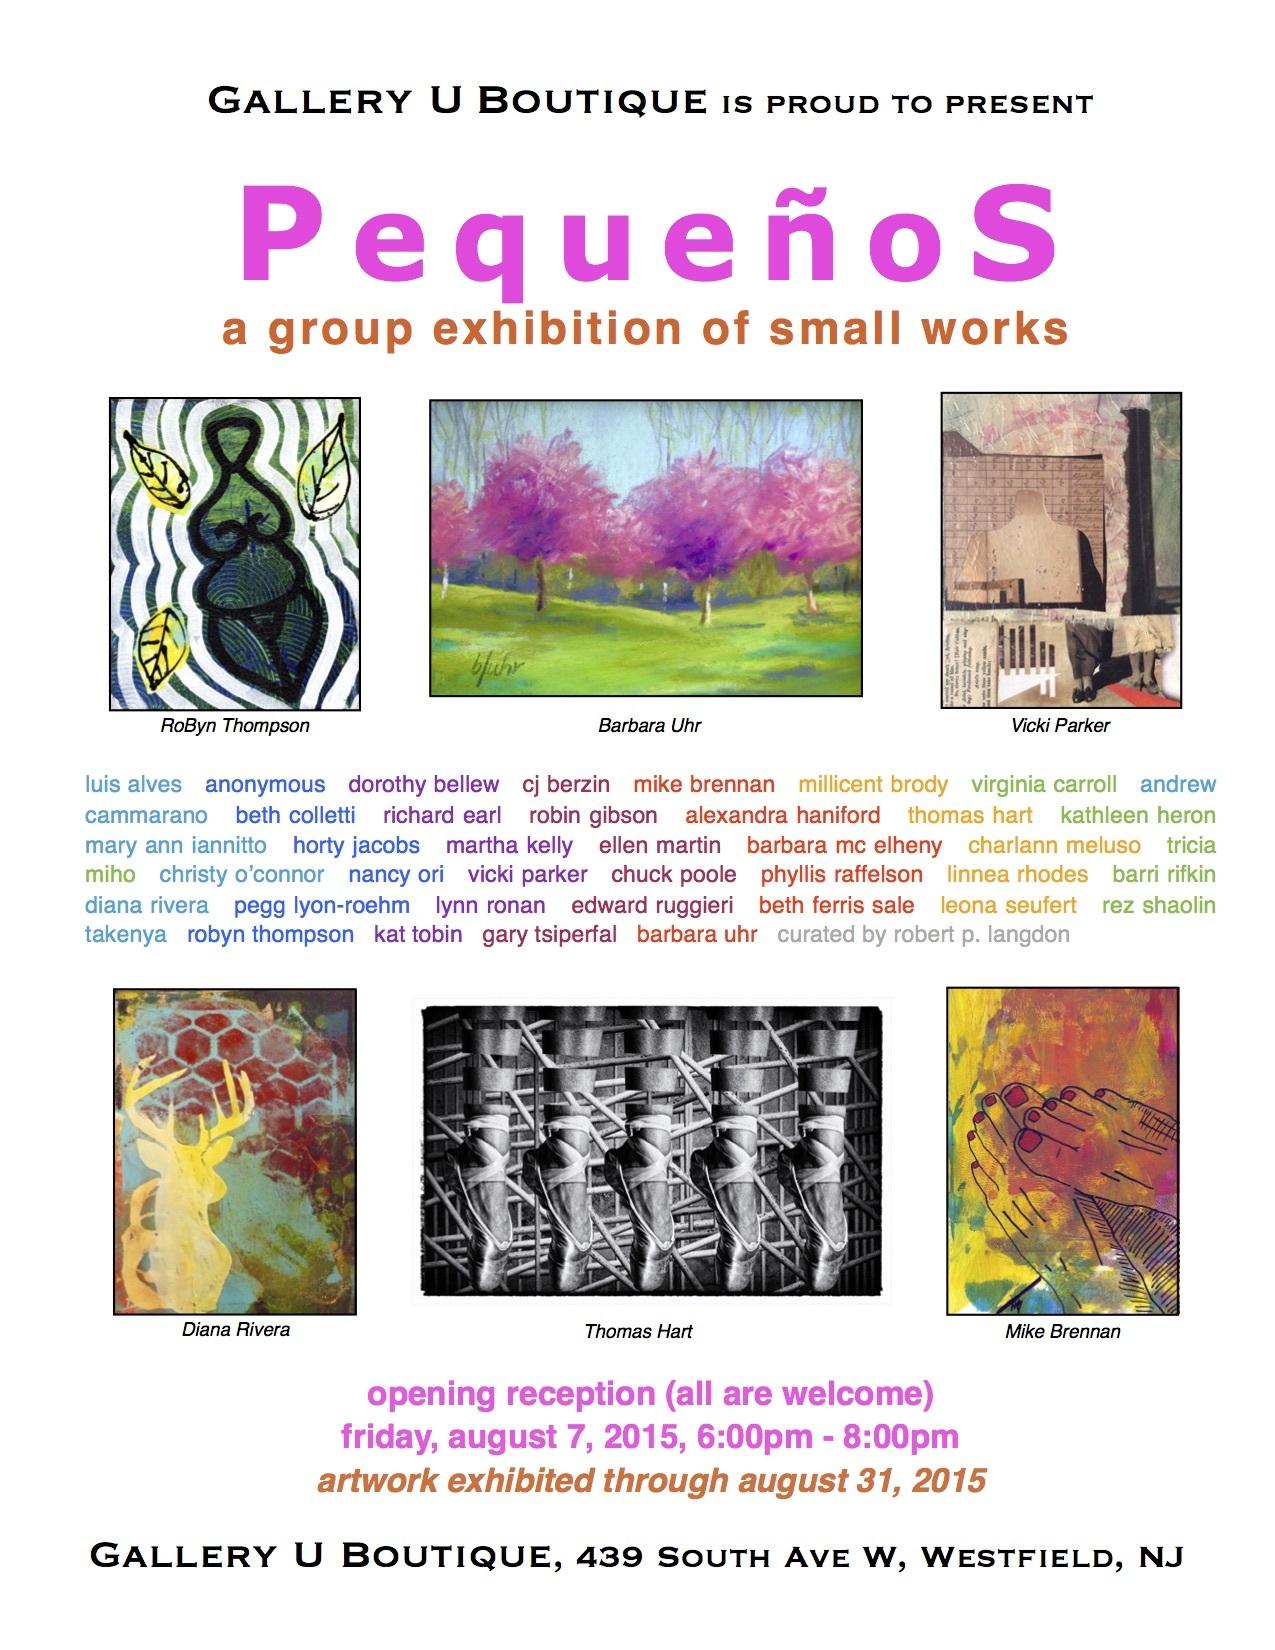 032922e6f74df51e588a_AUG_2015_Pequenos_flier_JPG.jpg